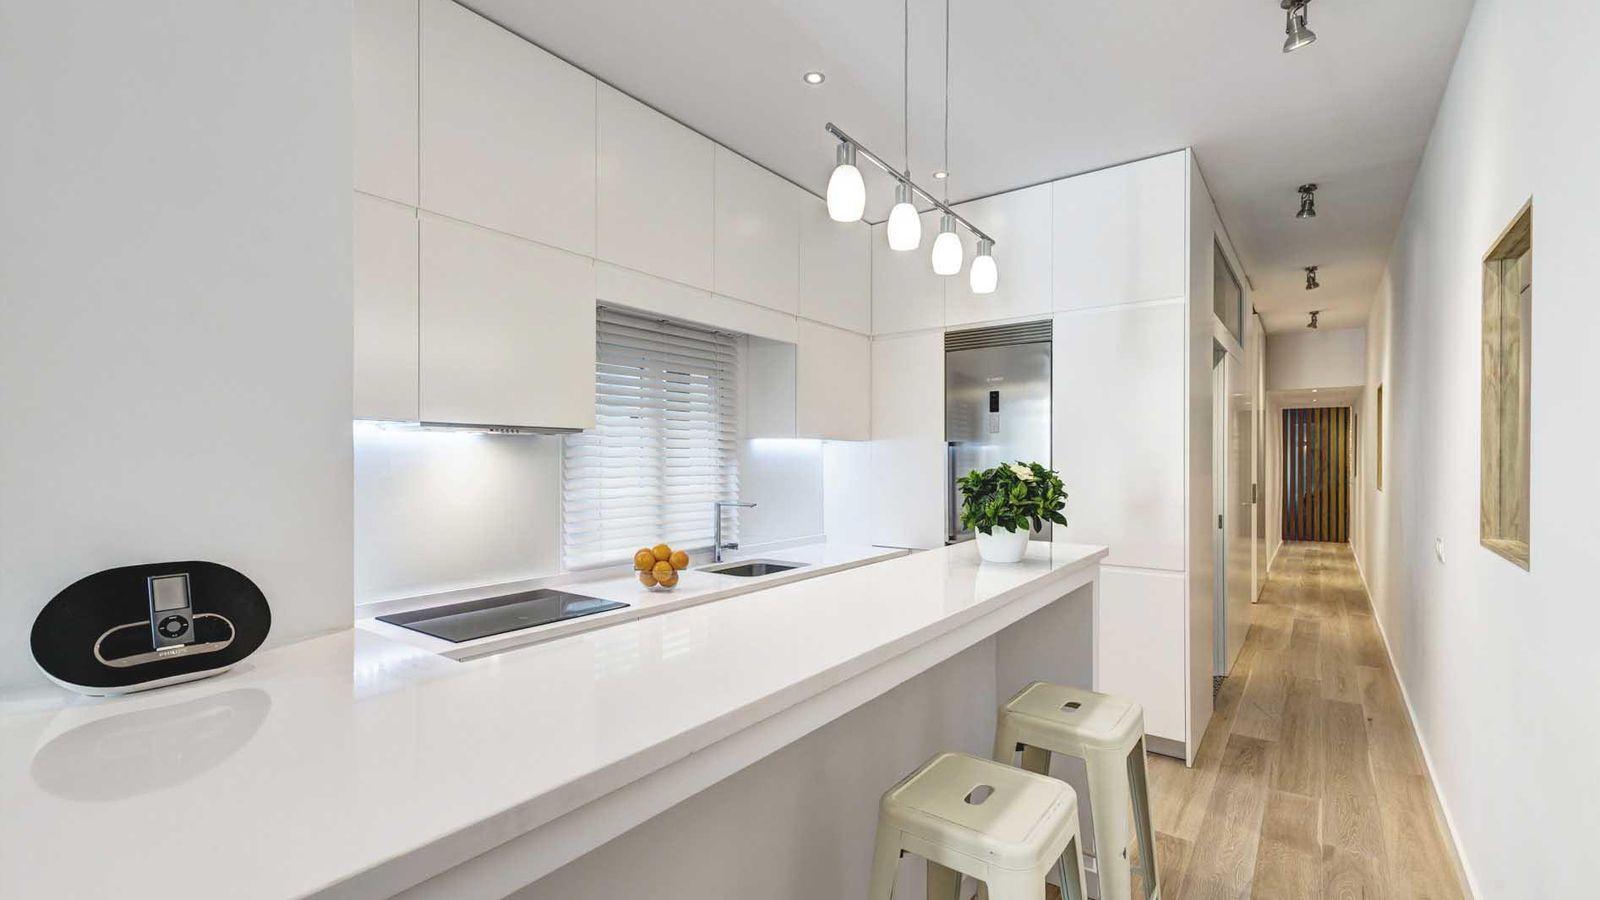 Vivienda los pisos del barrio m s caro de madrid interiores antiguos y mal distribuidos - Fotos de interiorismo ...